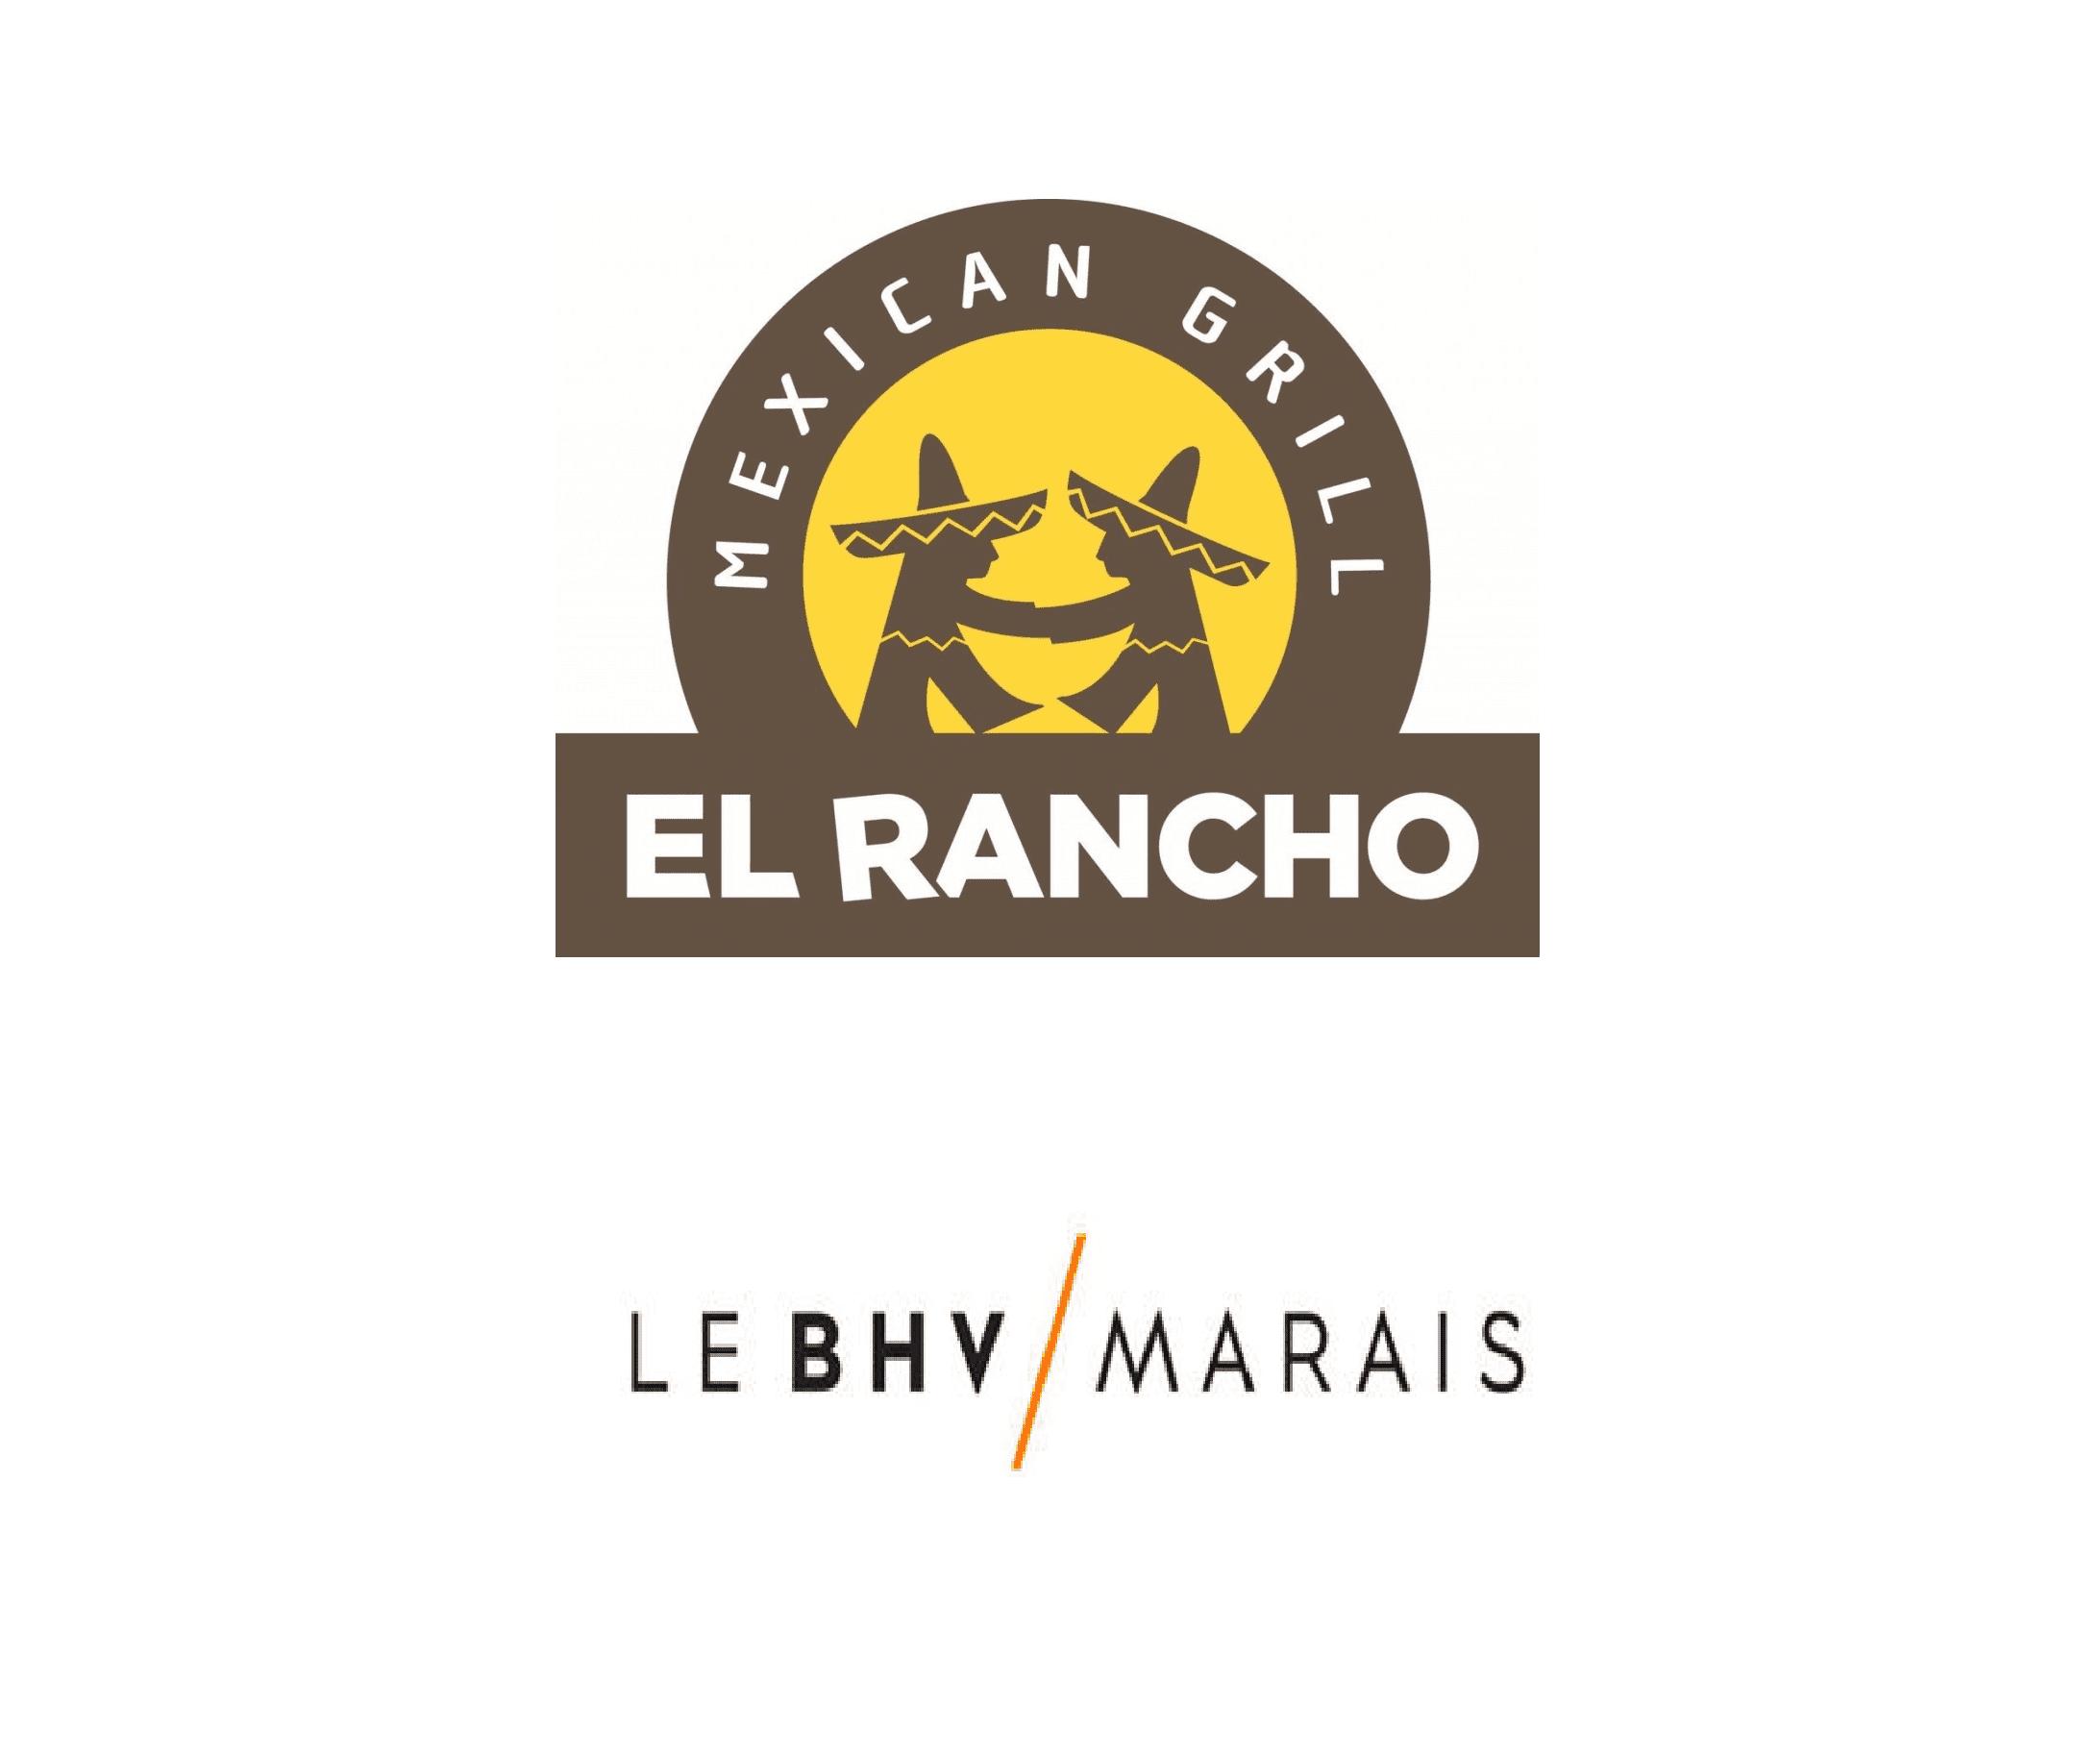 Les nouveaux logos d'El Rancho et BHV